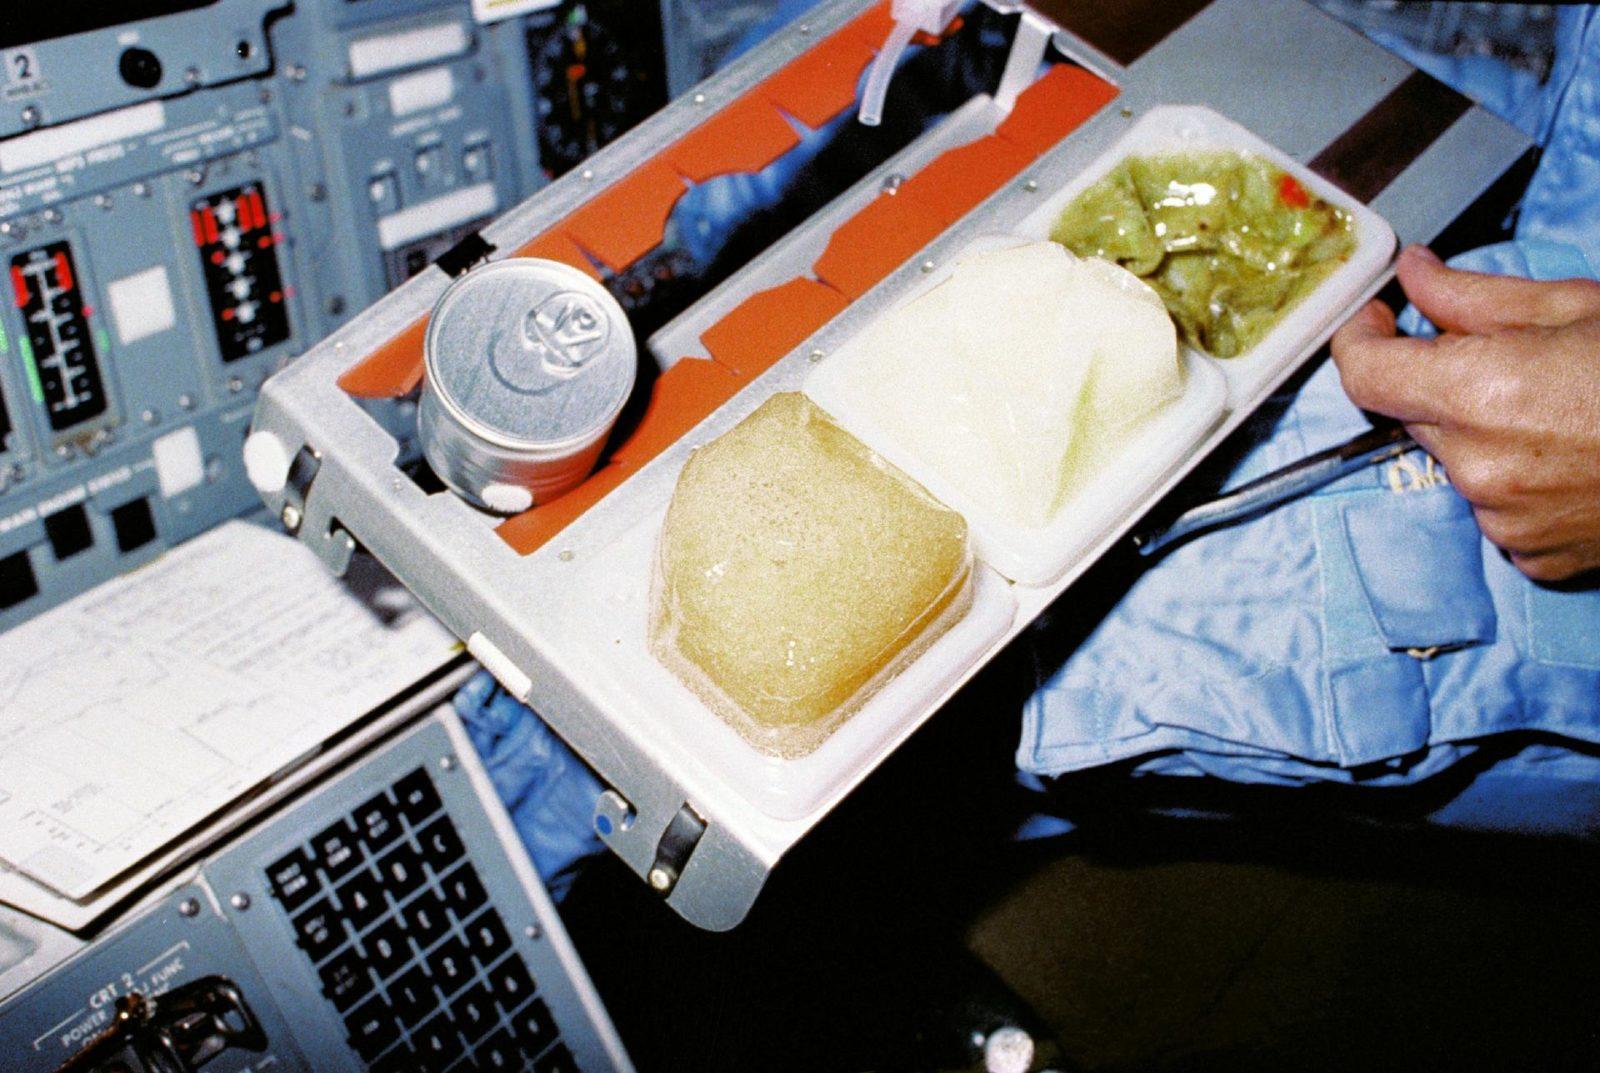 еда космонавтов фото в хорошем качестве гостиную